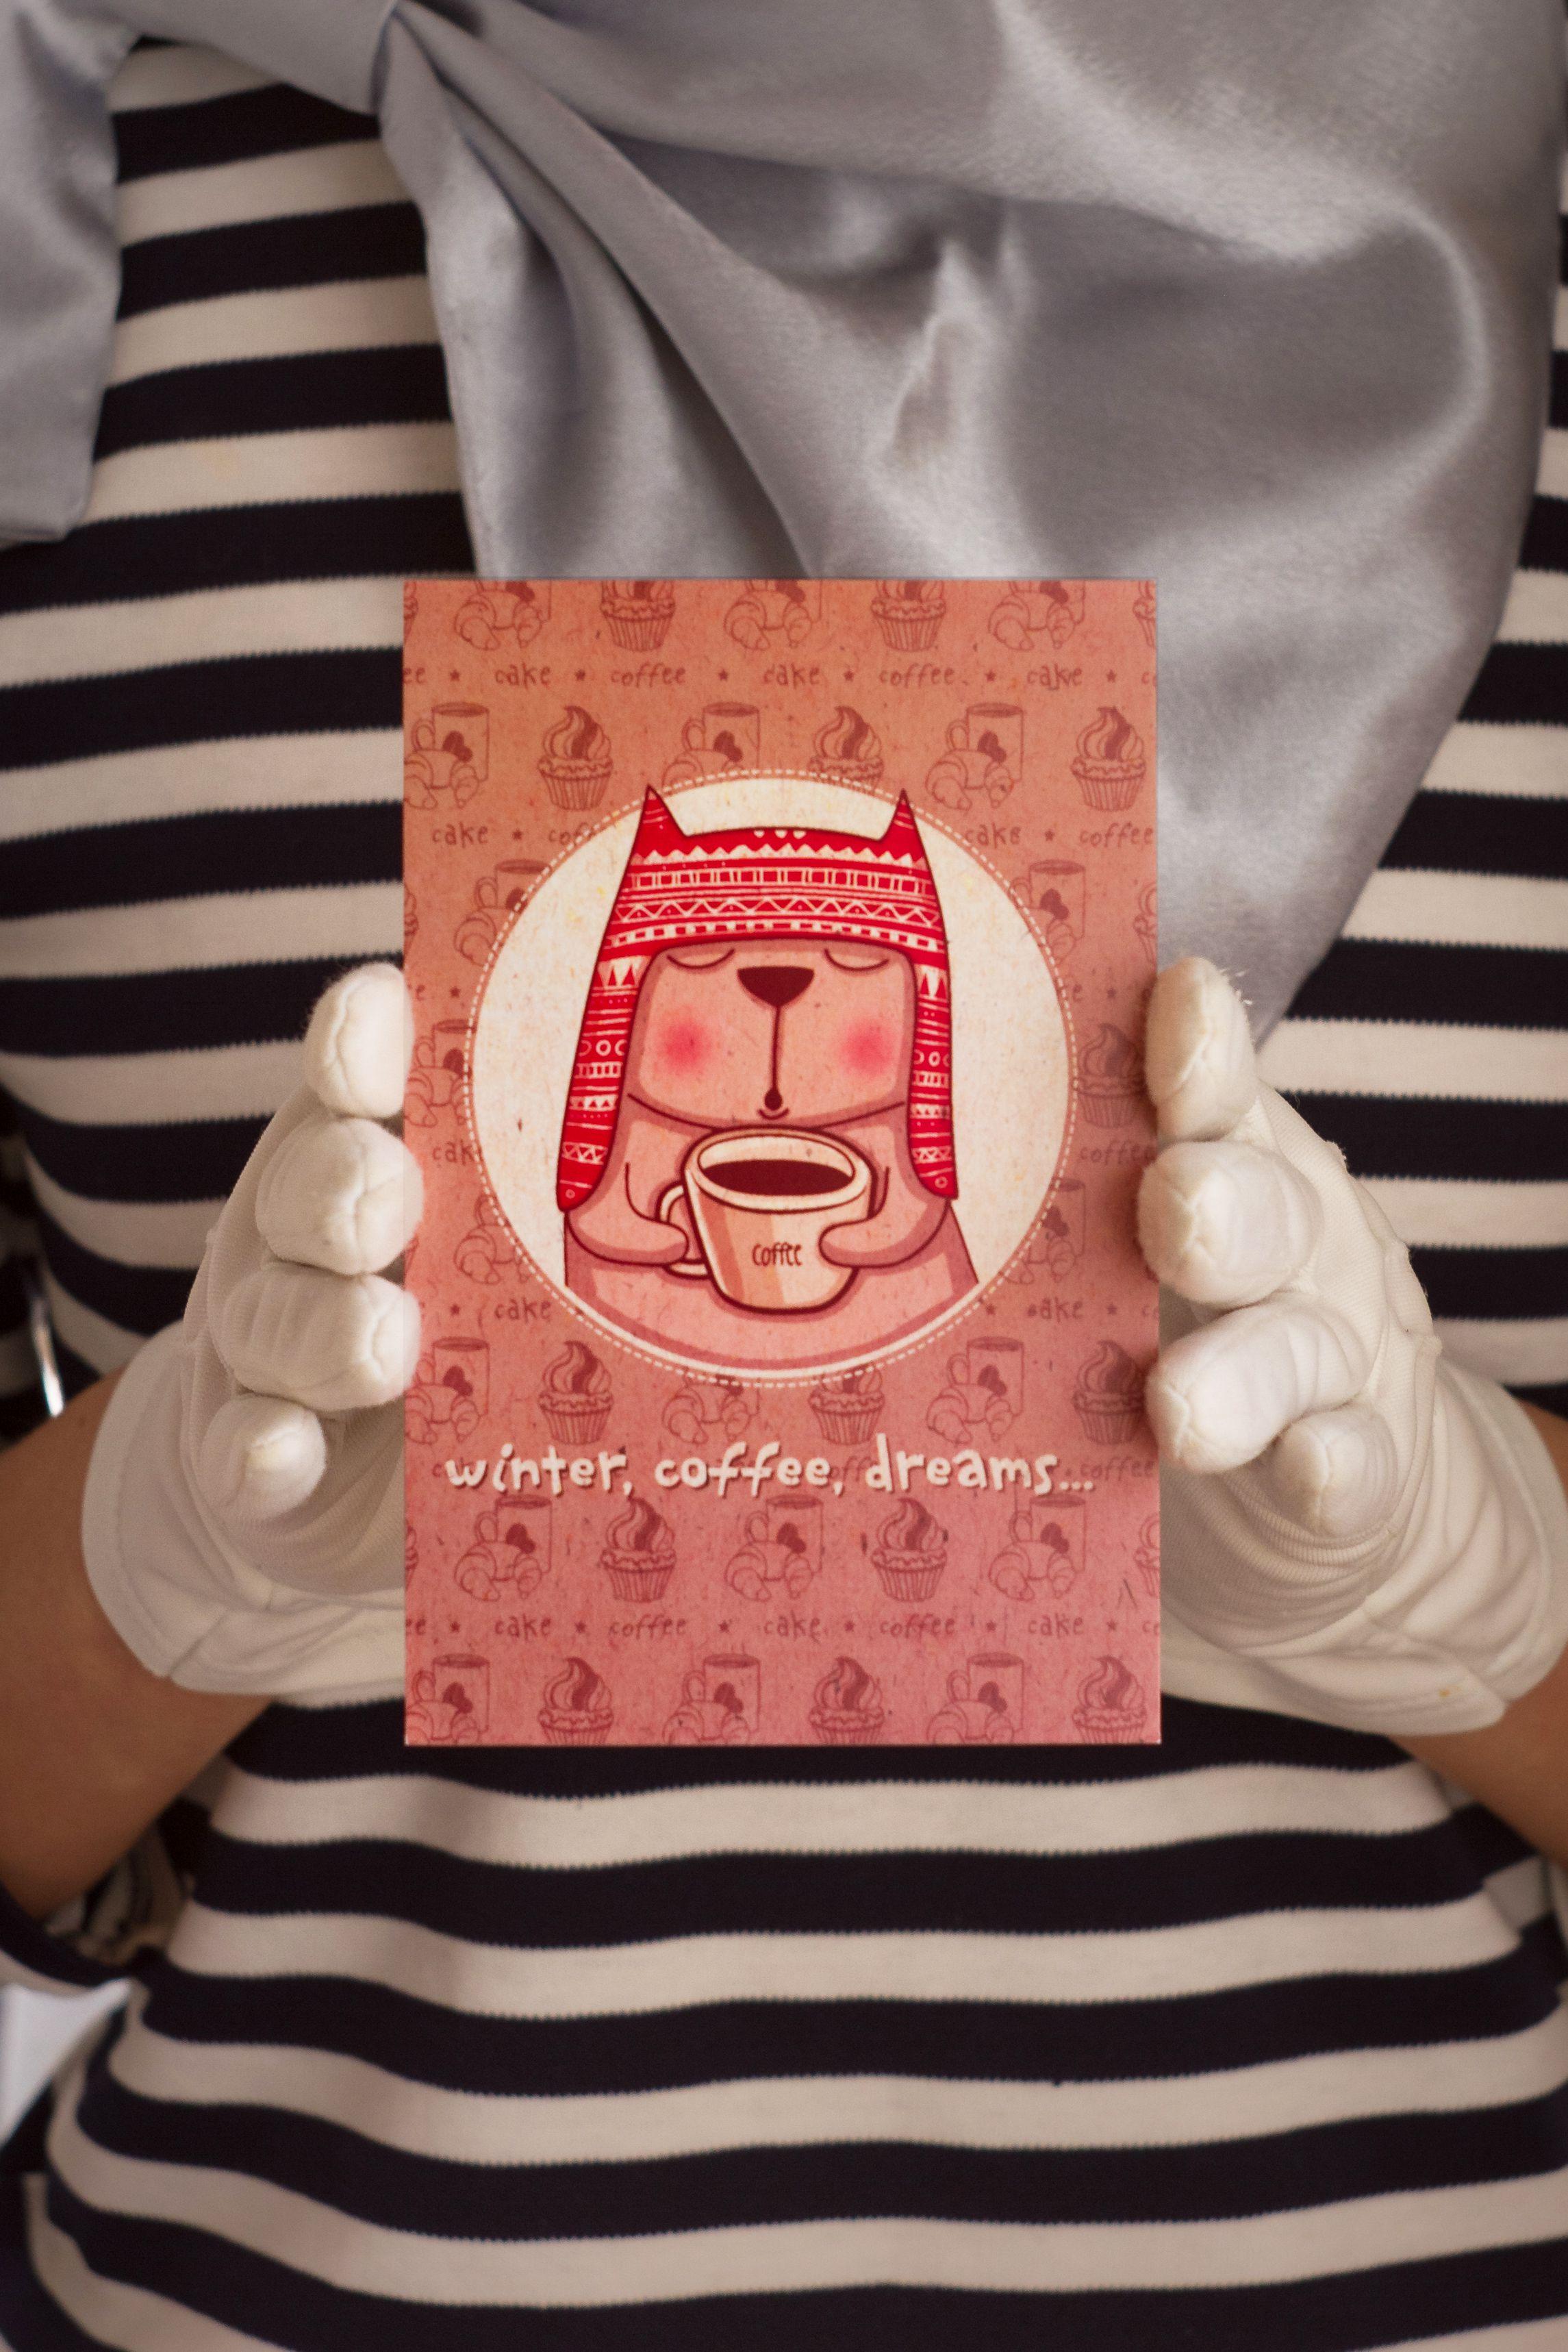 подарок зима кофе сюрприз знаквнимания открытка winter cofe dreams мечты